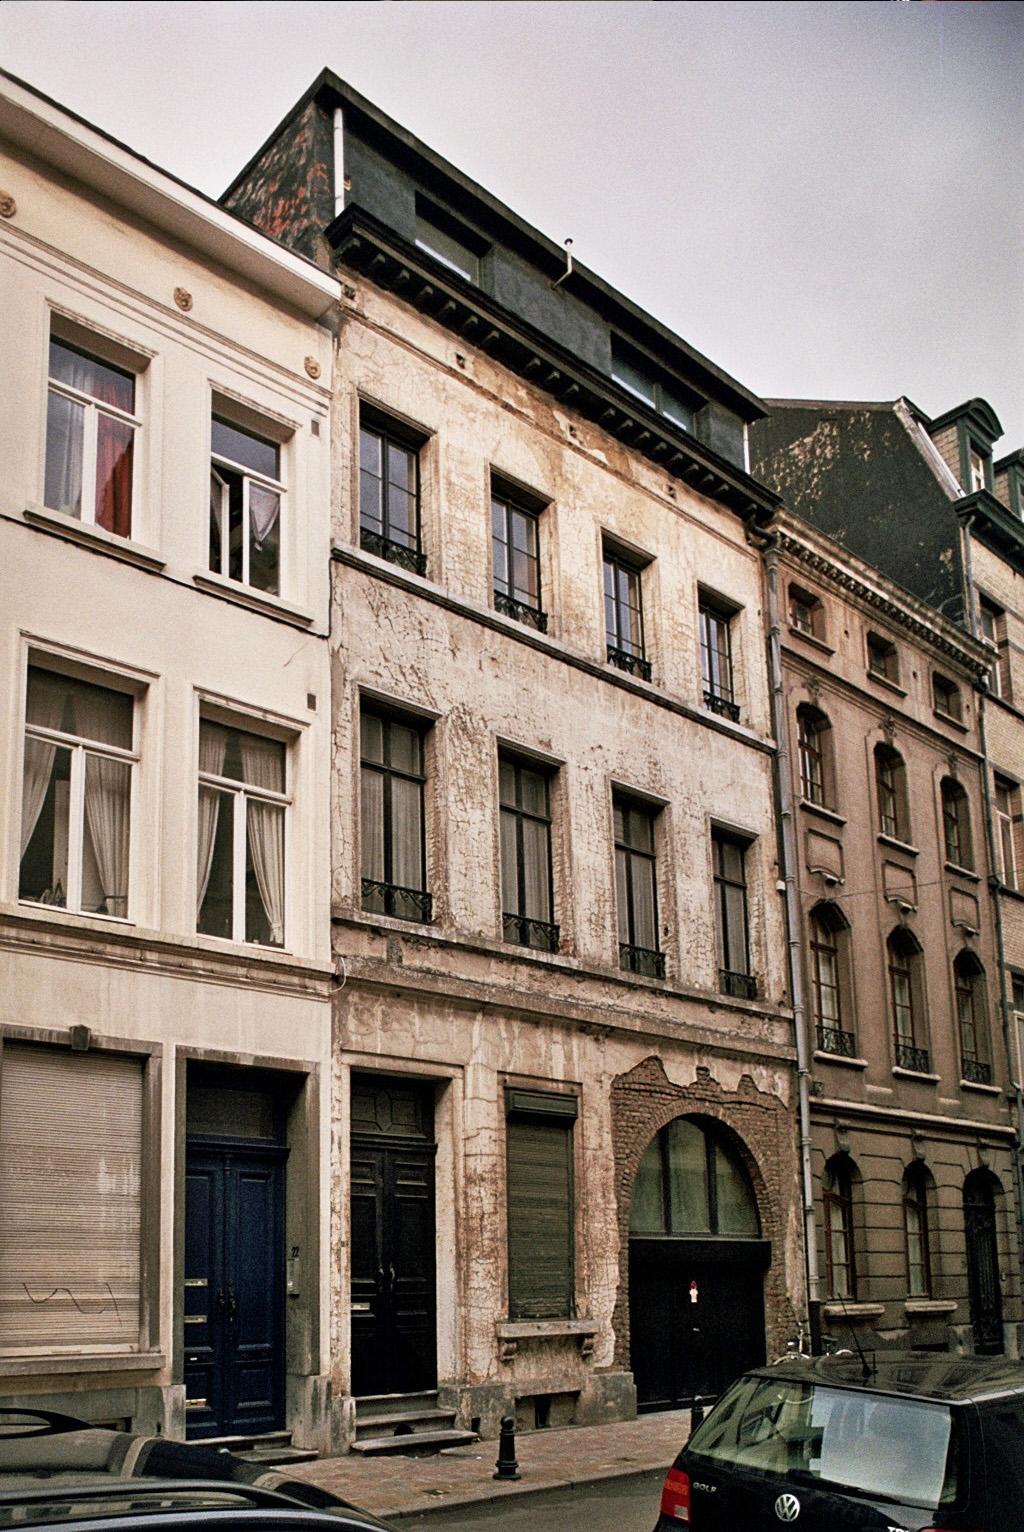 Rue de Naples 24., 2009